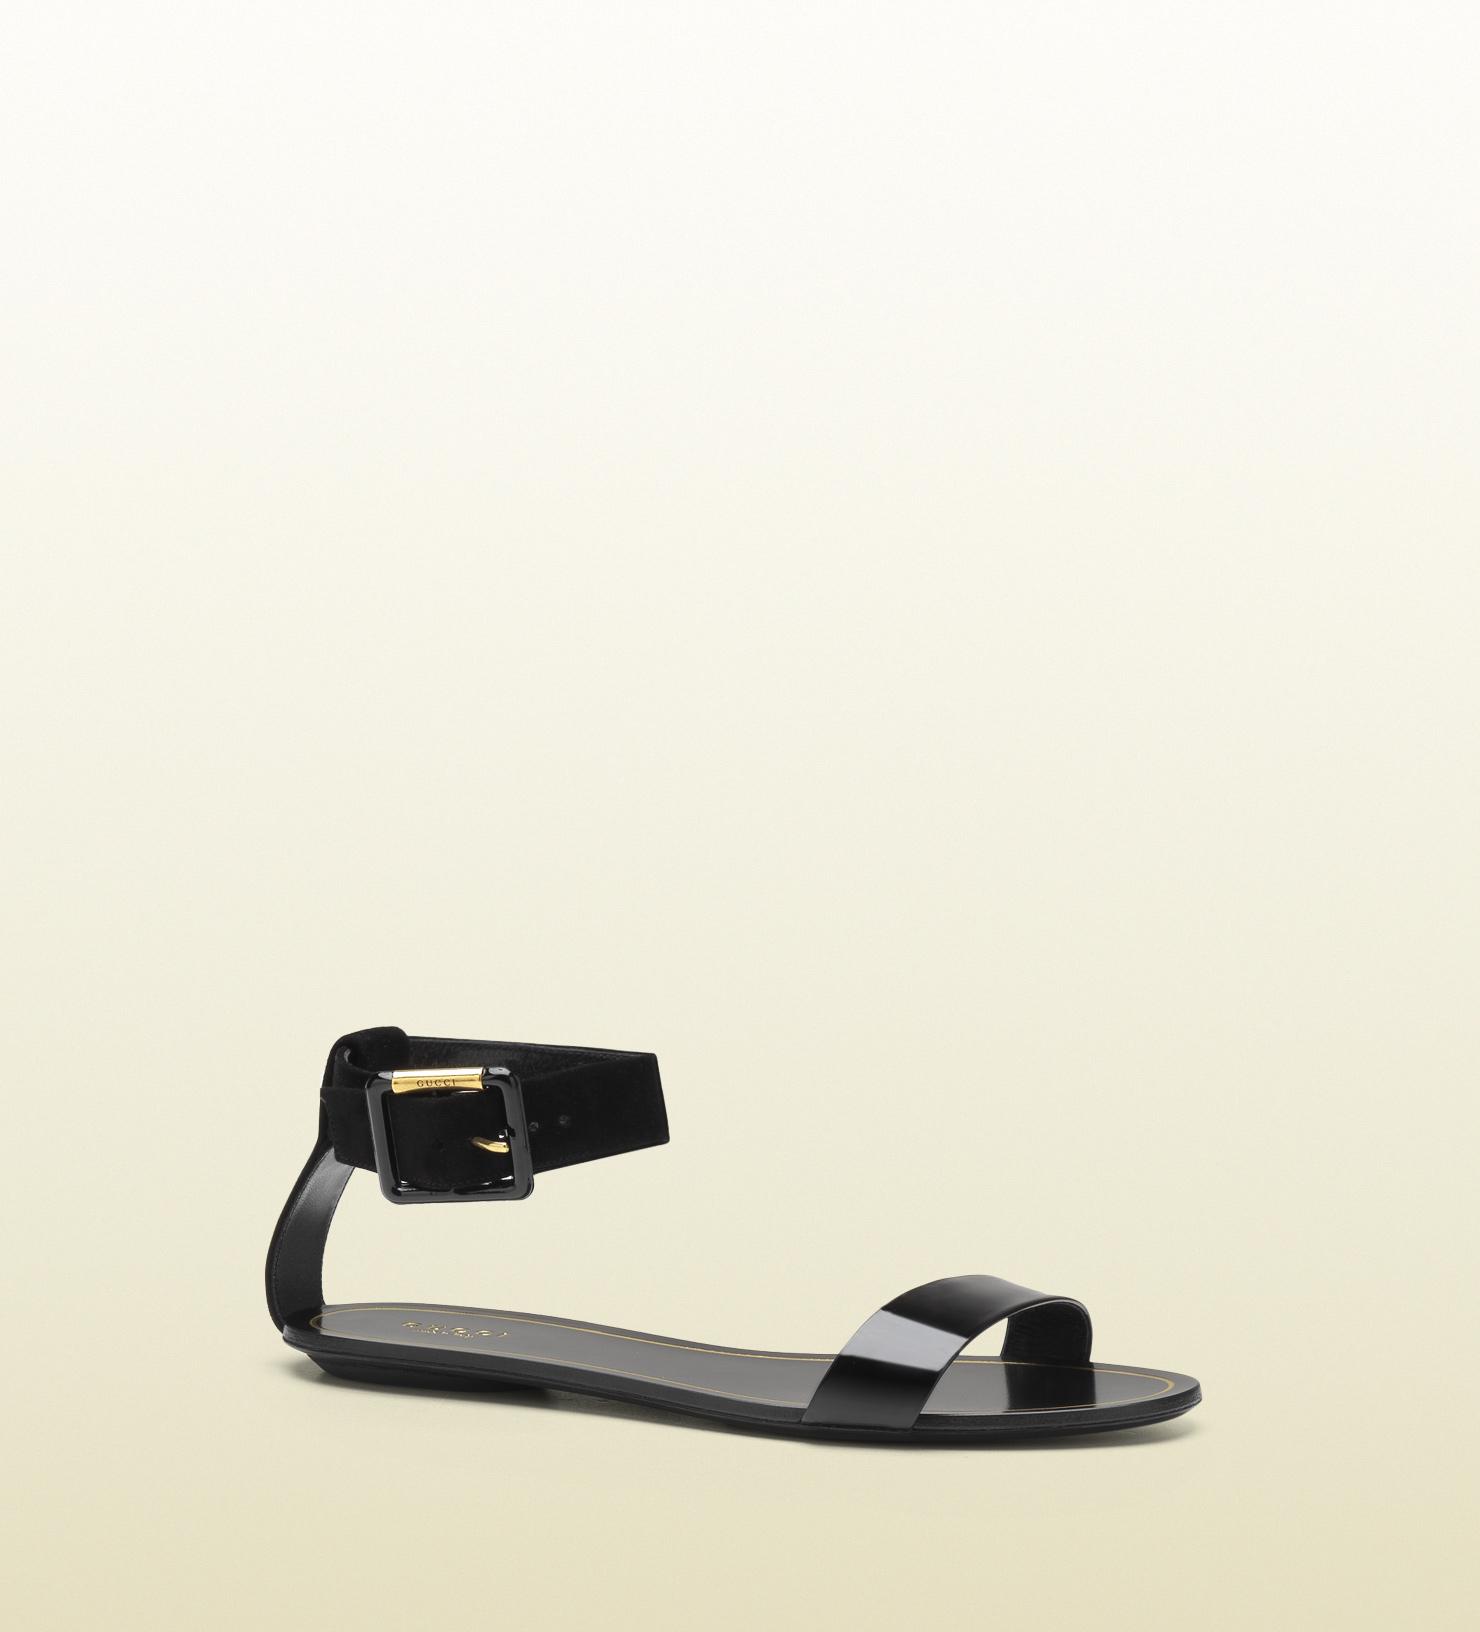 Lyst - Gucci Veronique Black Patent Leather Flat Ankle Strap Sandal ... 36c88d5b6